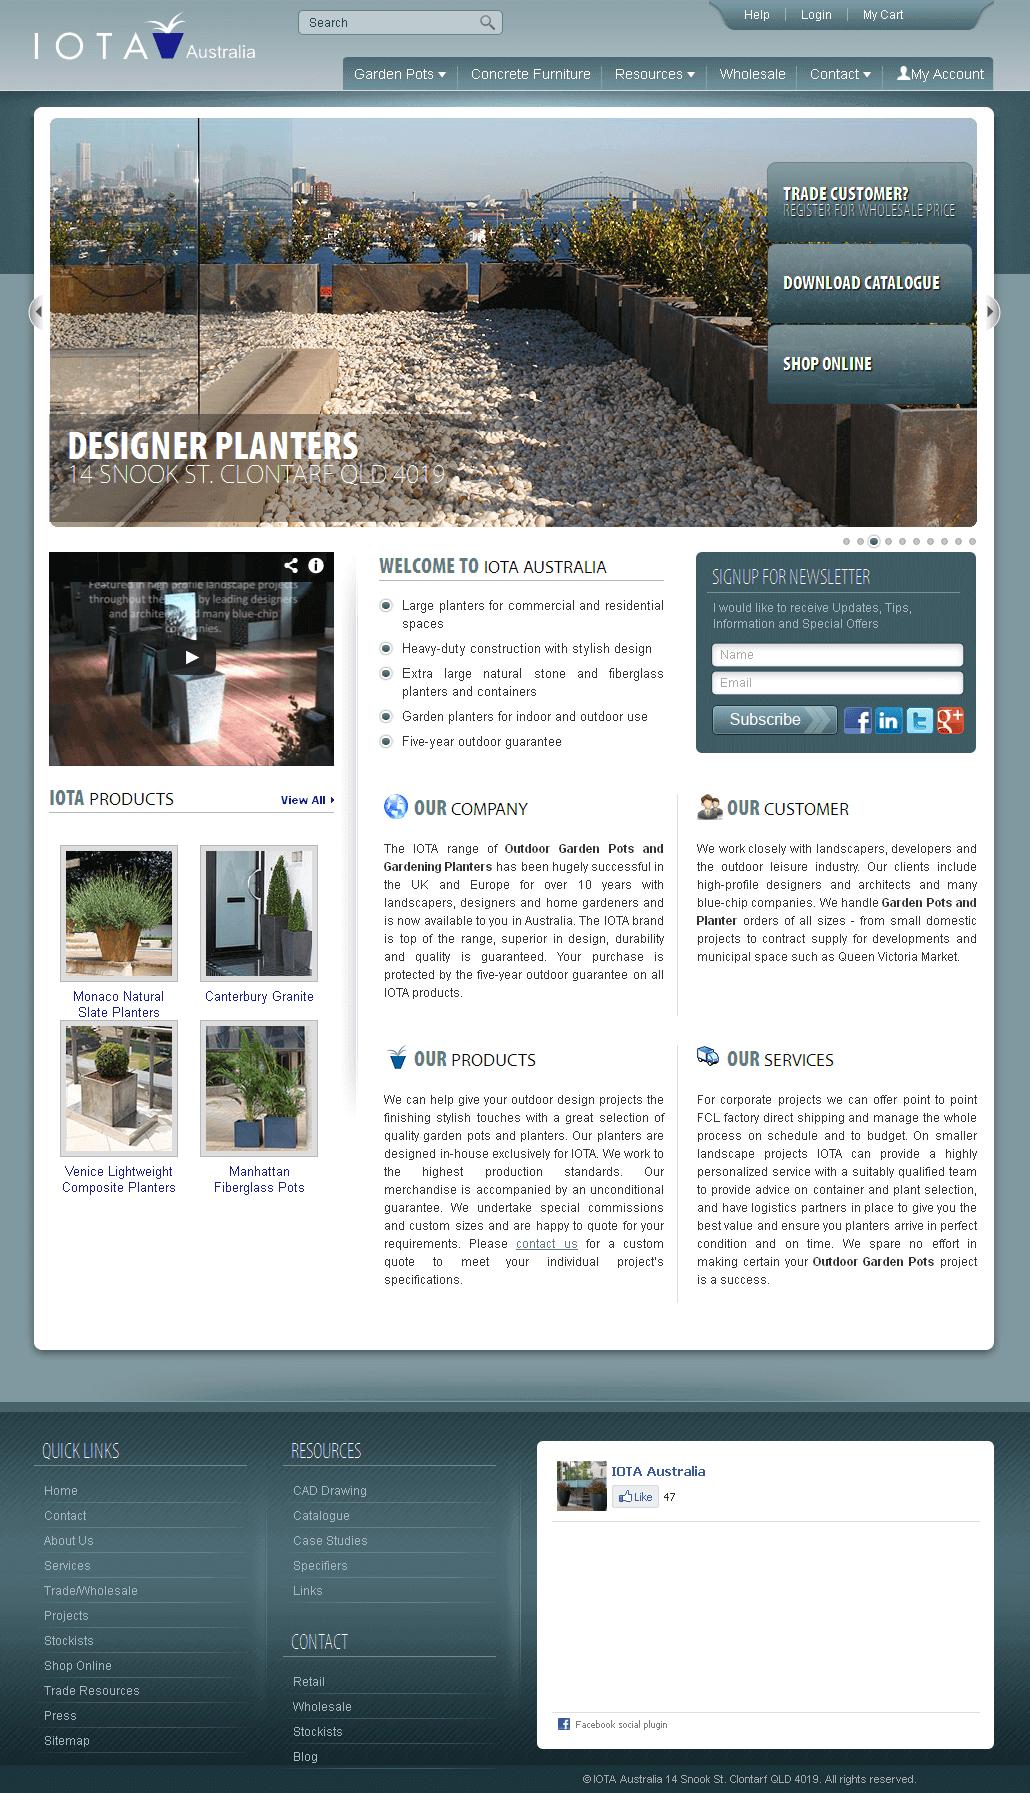 Magento Website for Outdoor Garden Pots & Planters Supplier 'IOTA'